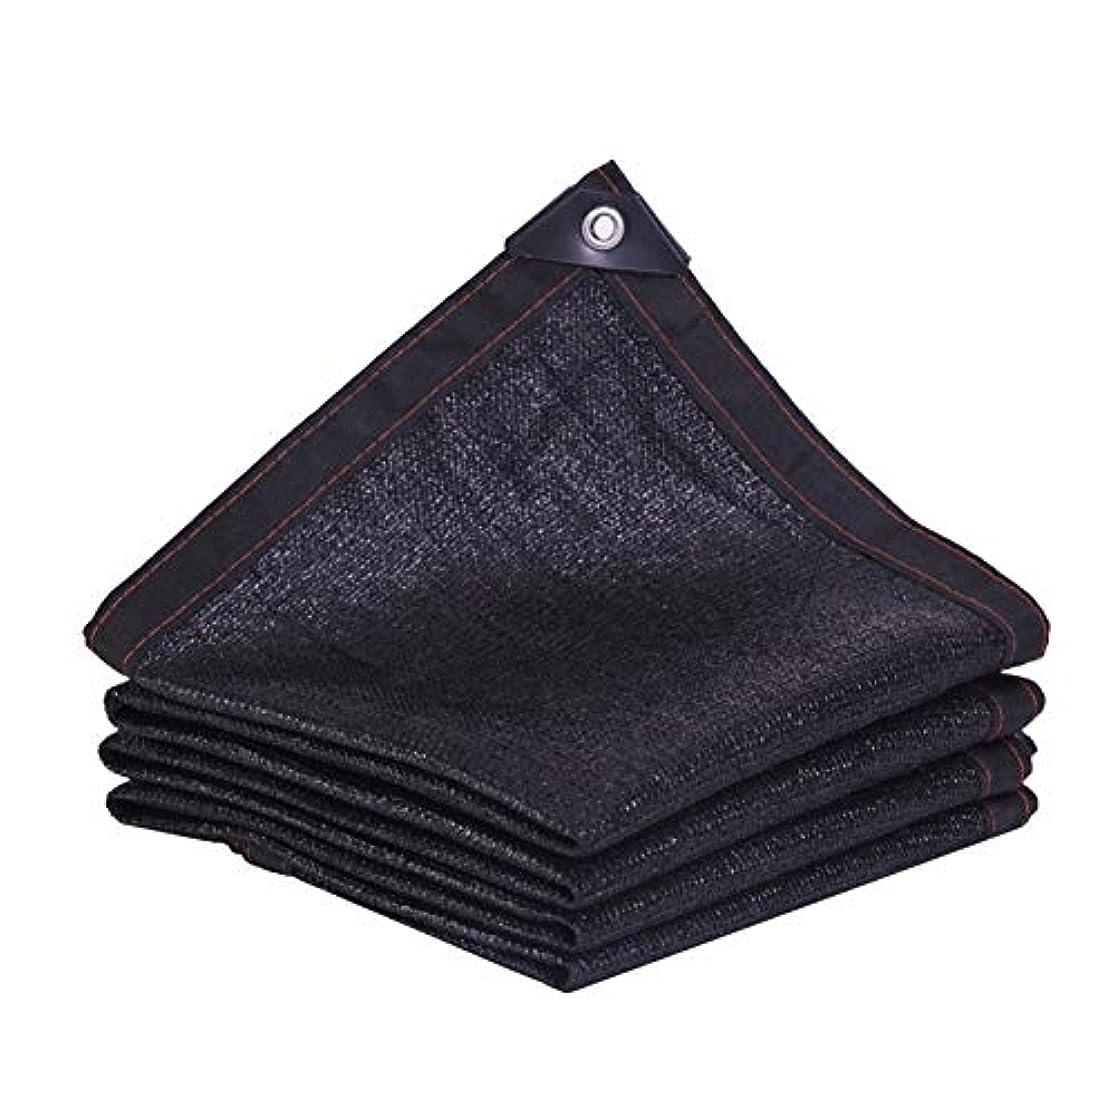 入力味方ボーダーZEMIN オーニングシェード遮光ネット サンシェード 厚い 黒 シェード 暗号化 屋上 車、 マルチサイズカスタマイズ (Color : Black, Size : 5x6m)